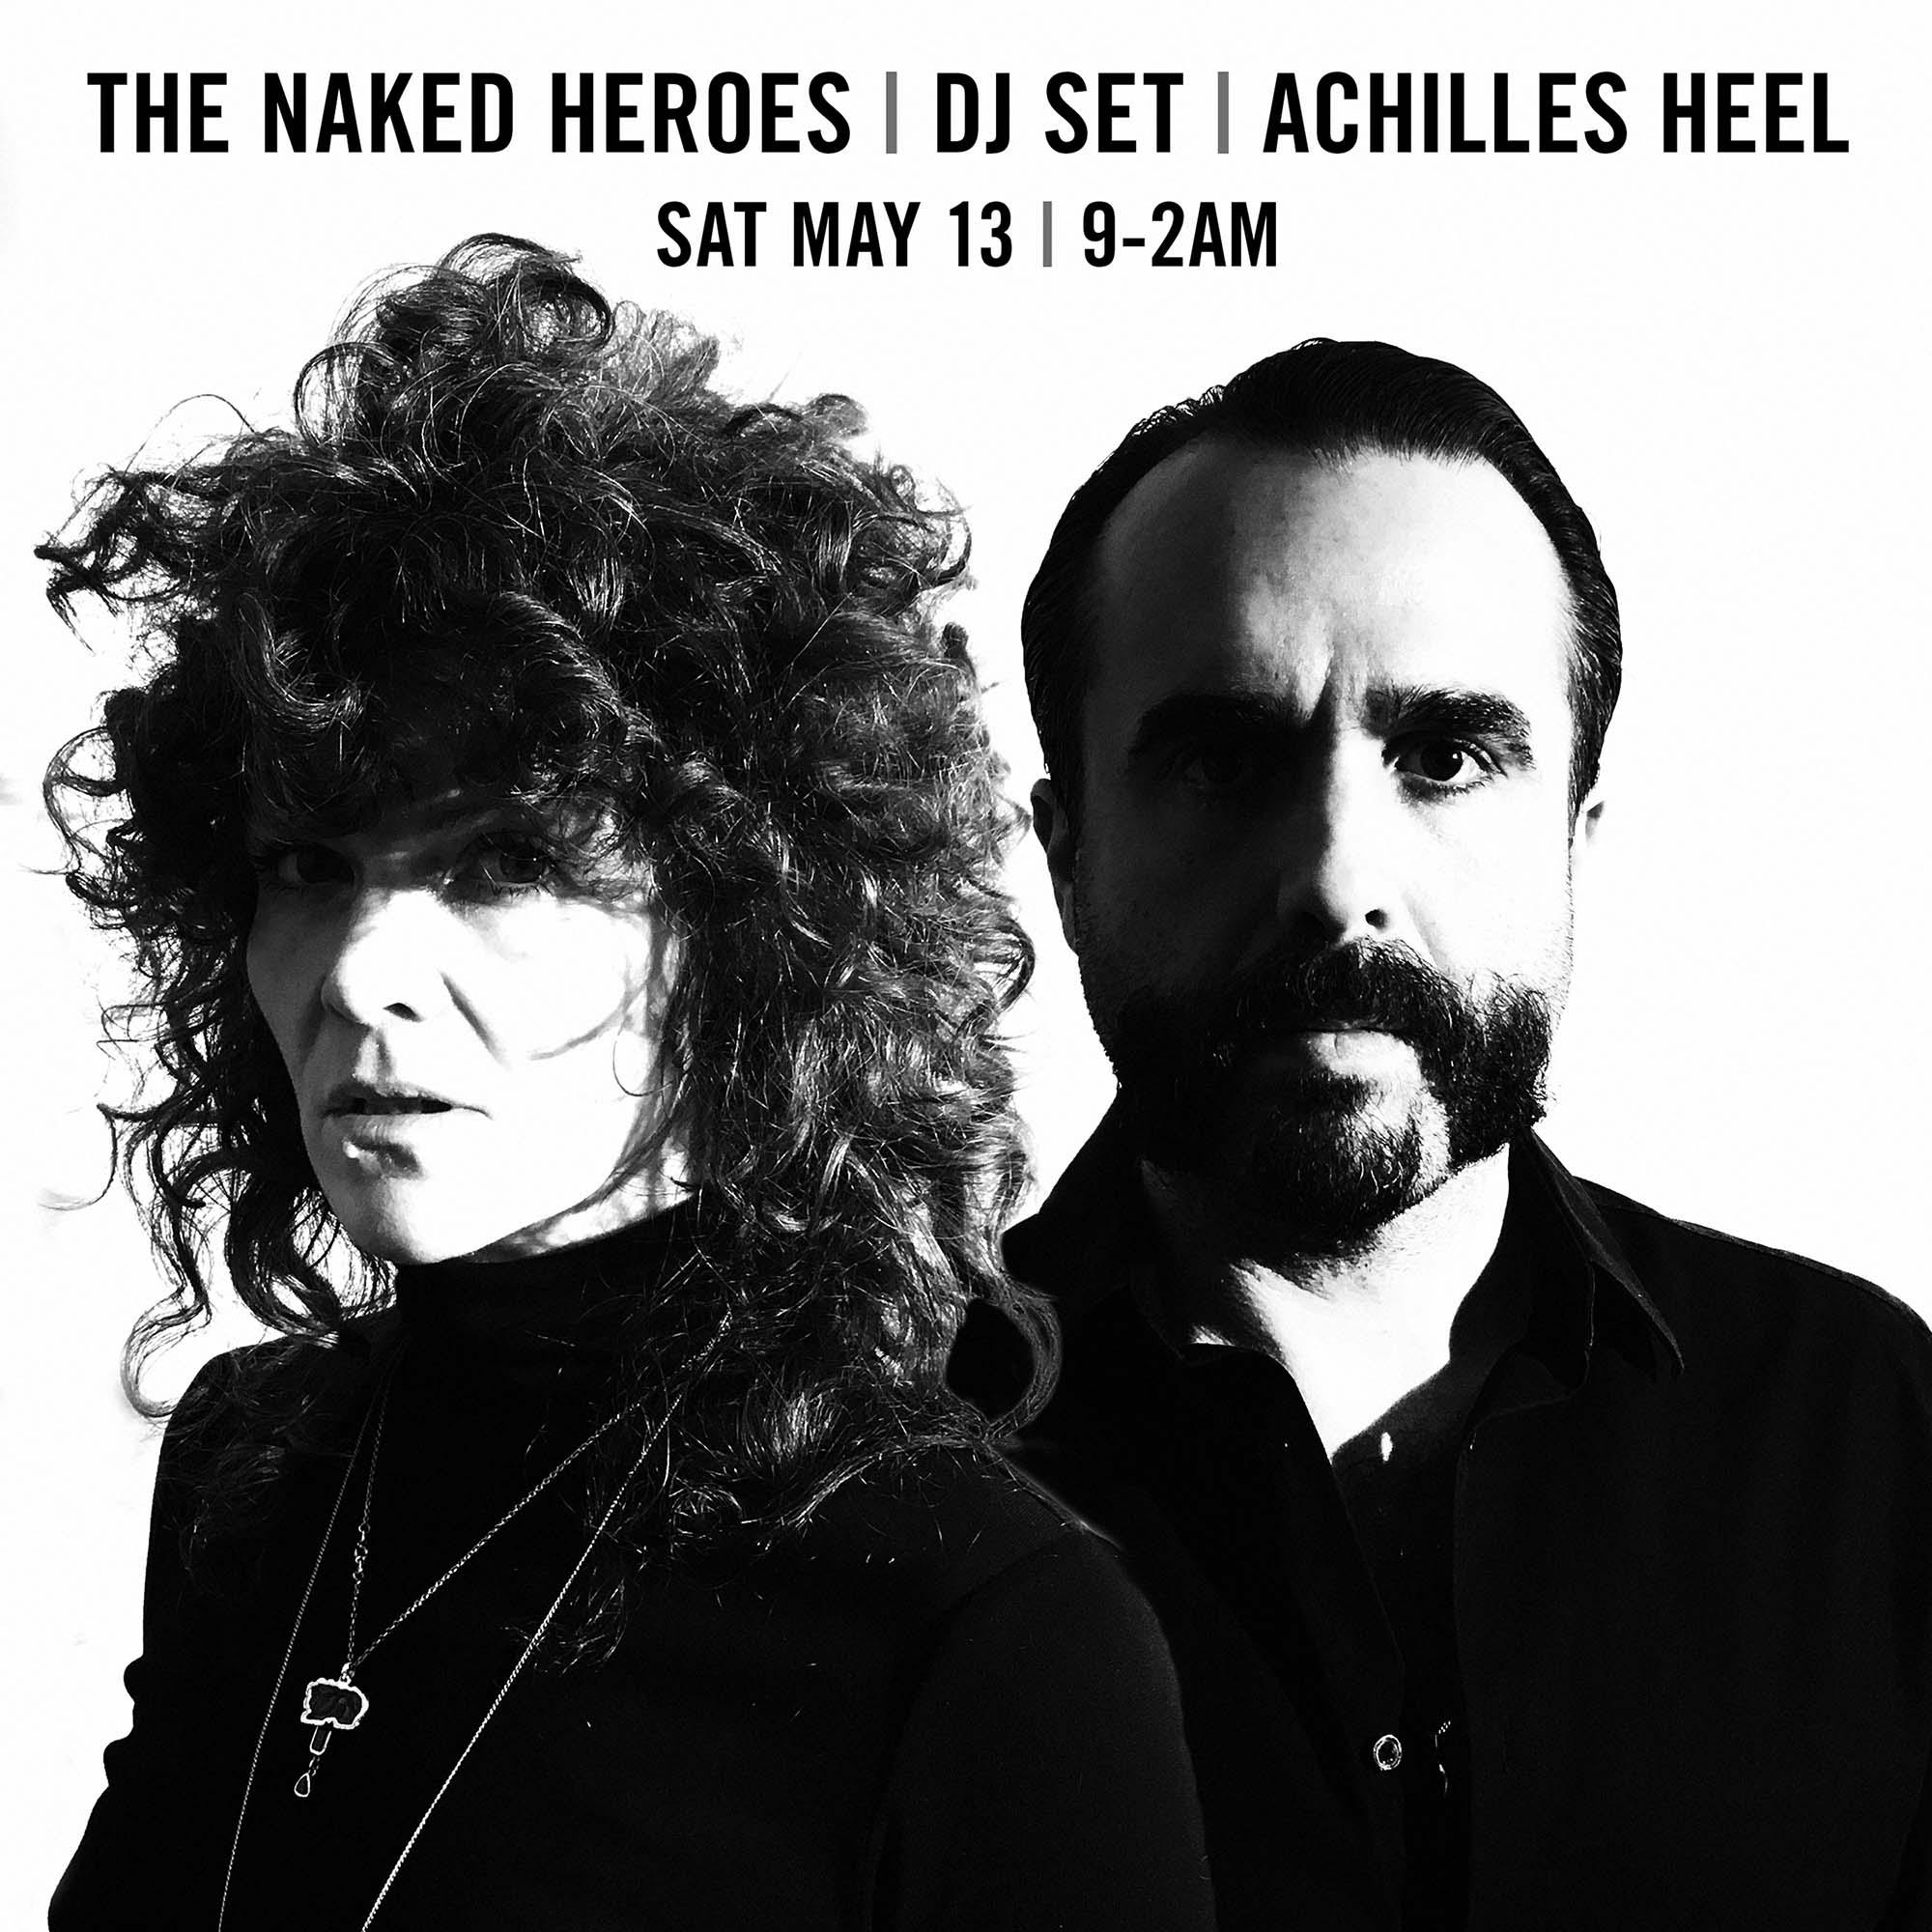 The-Naked-Heroes_Achilles_Heel_DJ-2.jpg